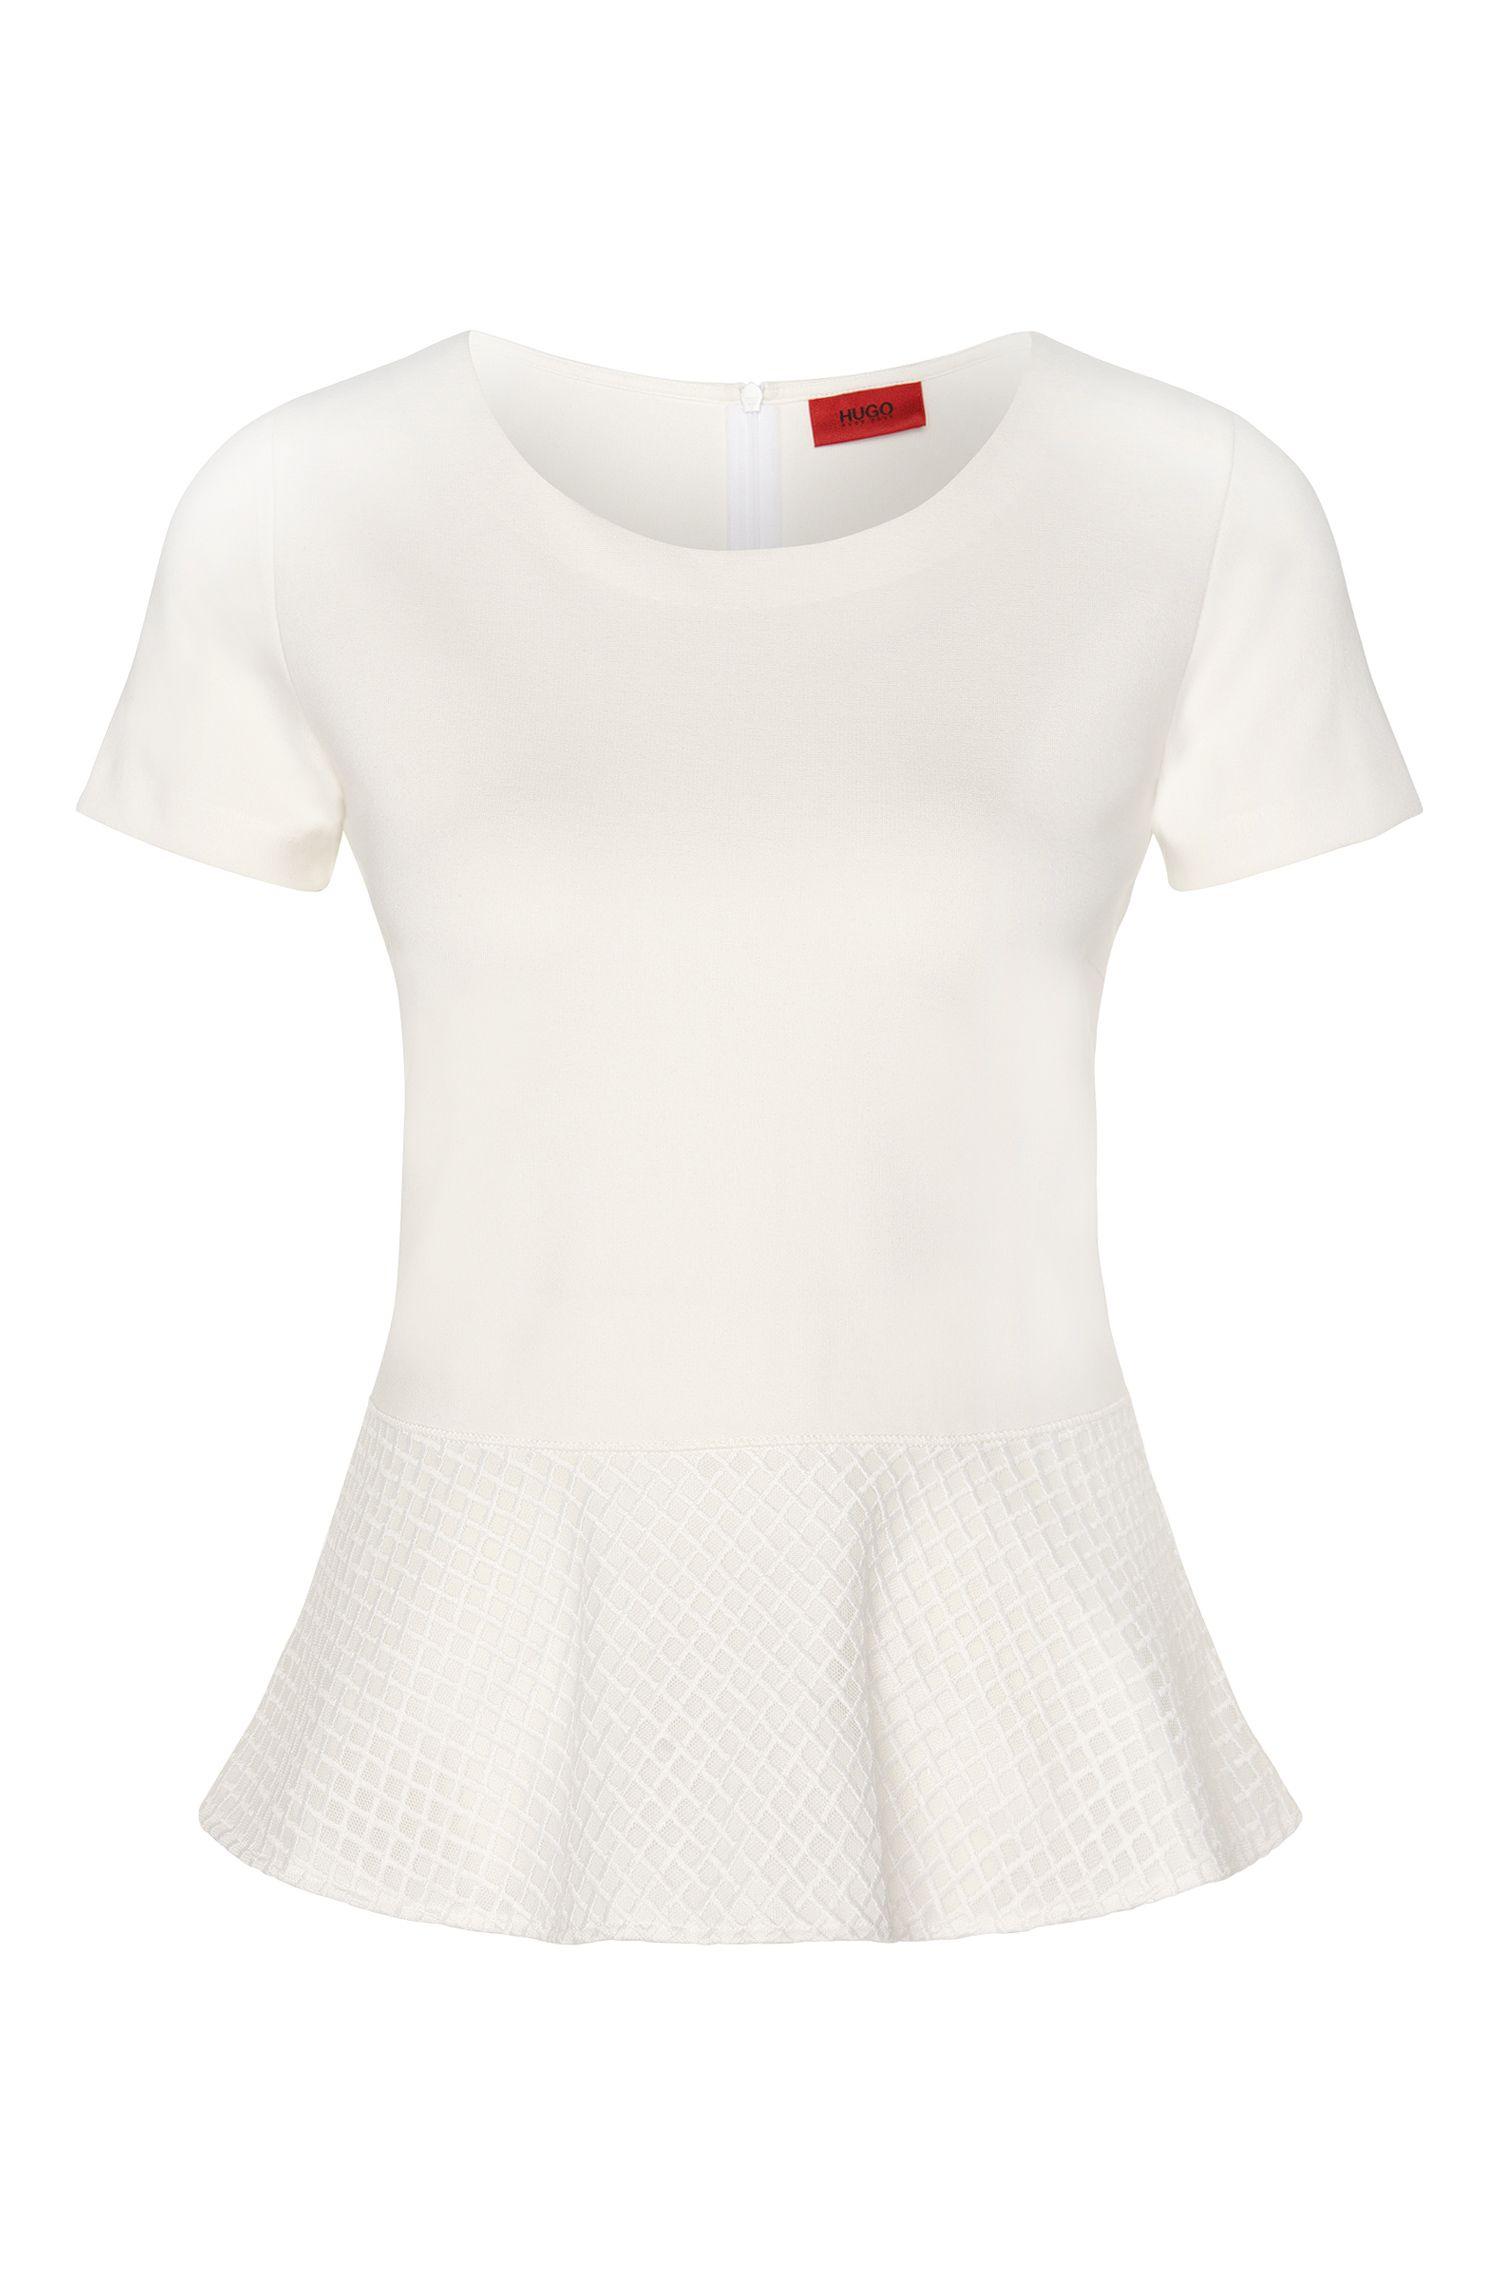 T-shirt in viscose blend with peplum detail: 'Dira'